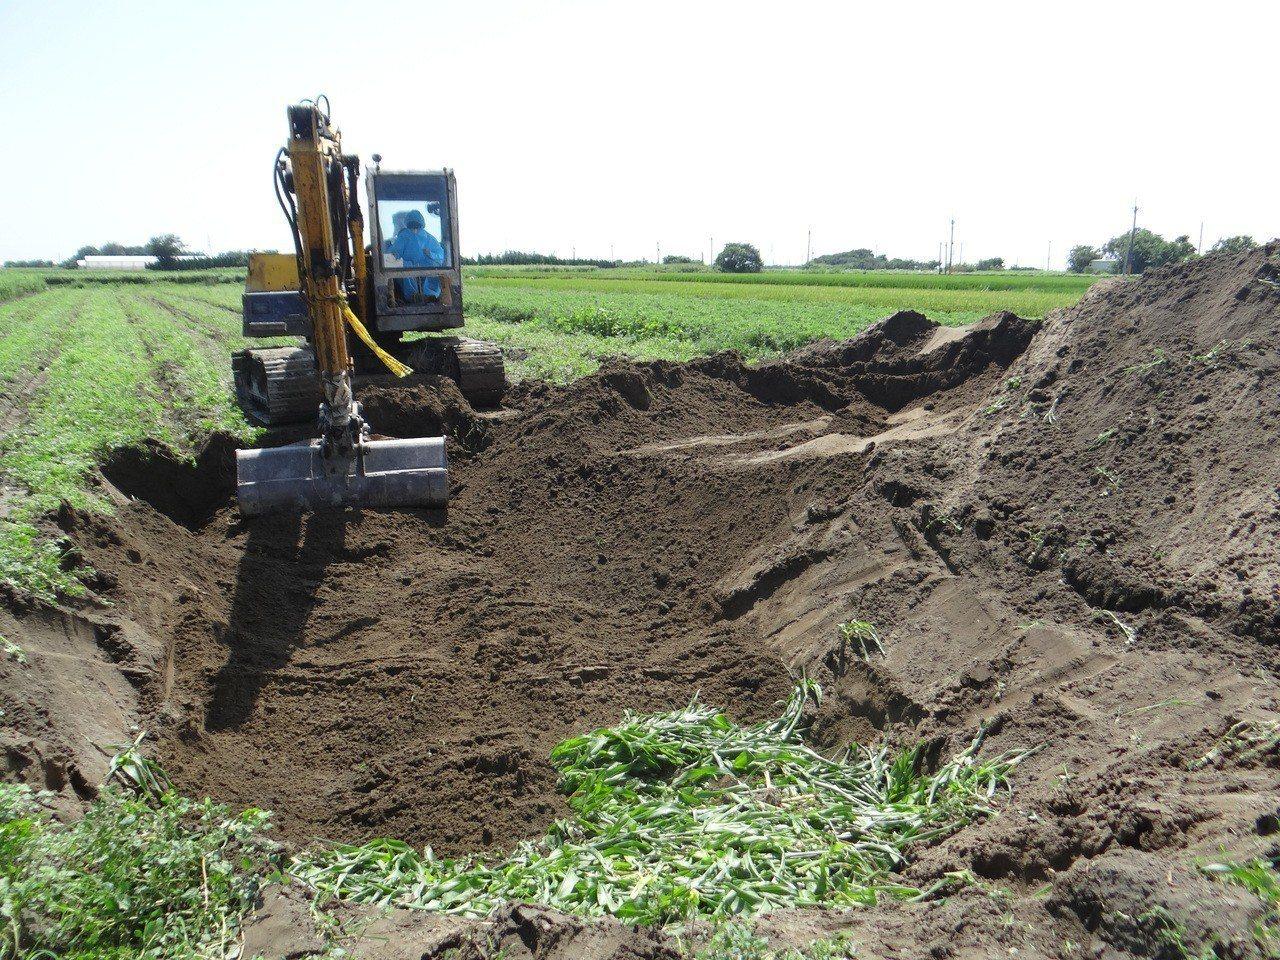 挖土機挖深三公尺把感染秋行軍蟲的玉米全都就地掩埋。記者蔡維斌/攝影